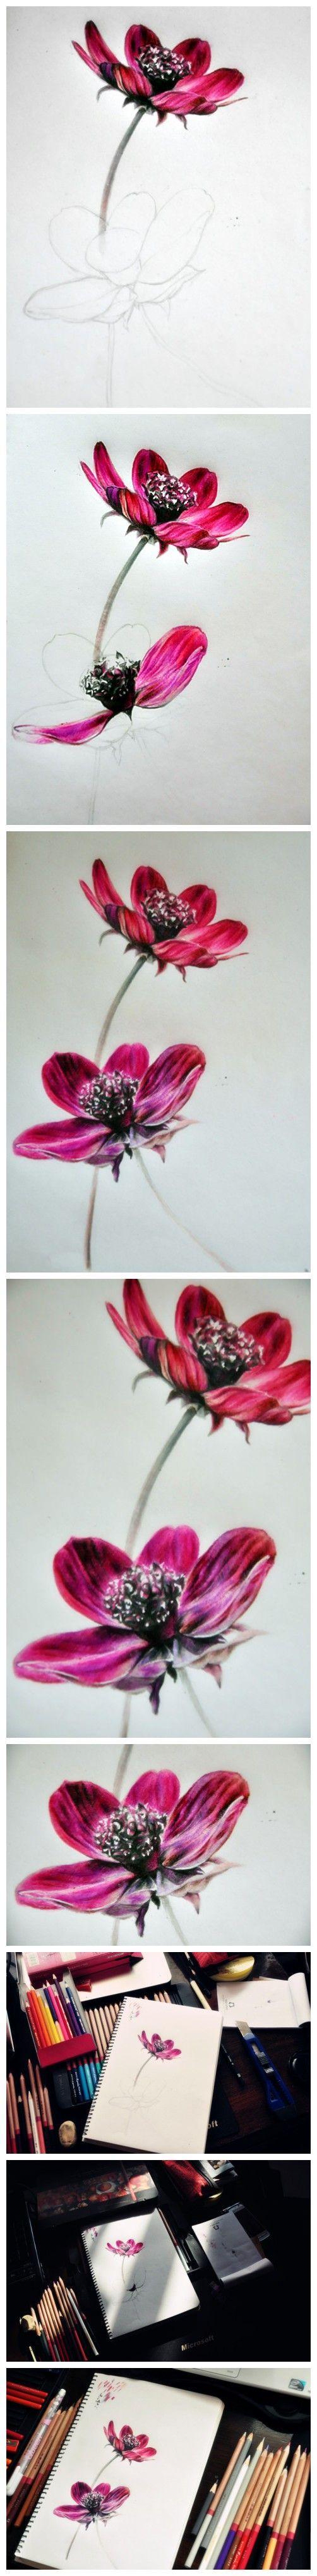 就是觉得这是一种很好看的花,所以就画了。后来查了一下才知道这个好像就是格桑花。